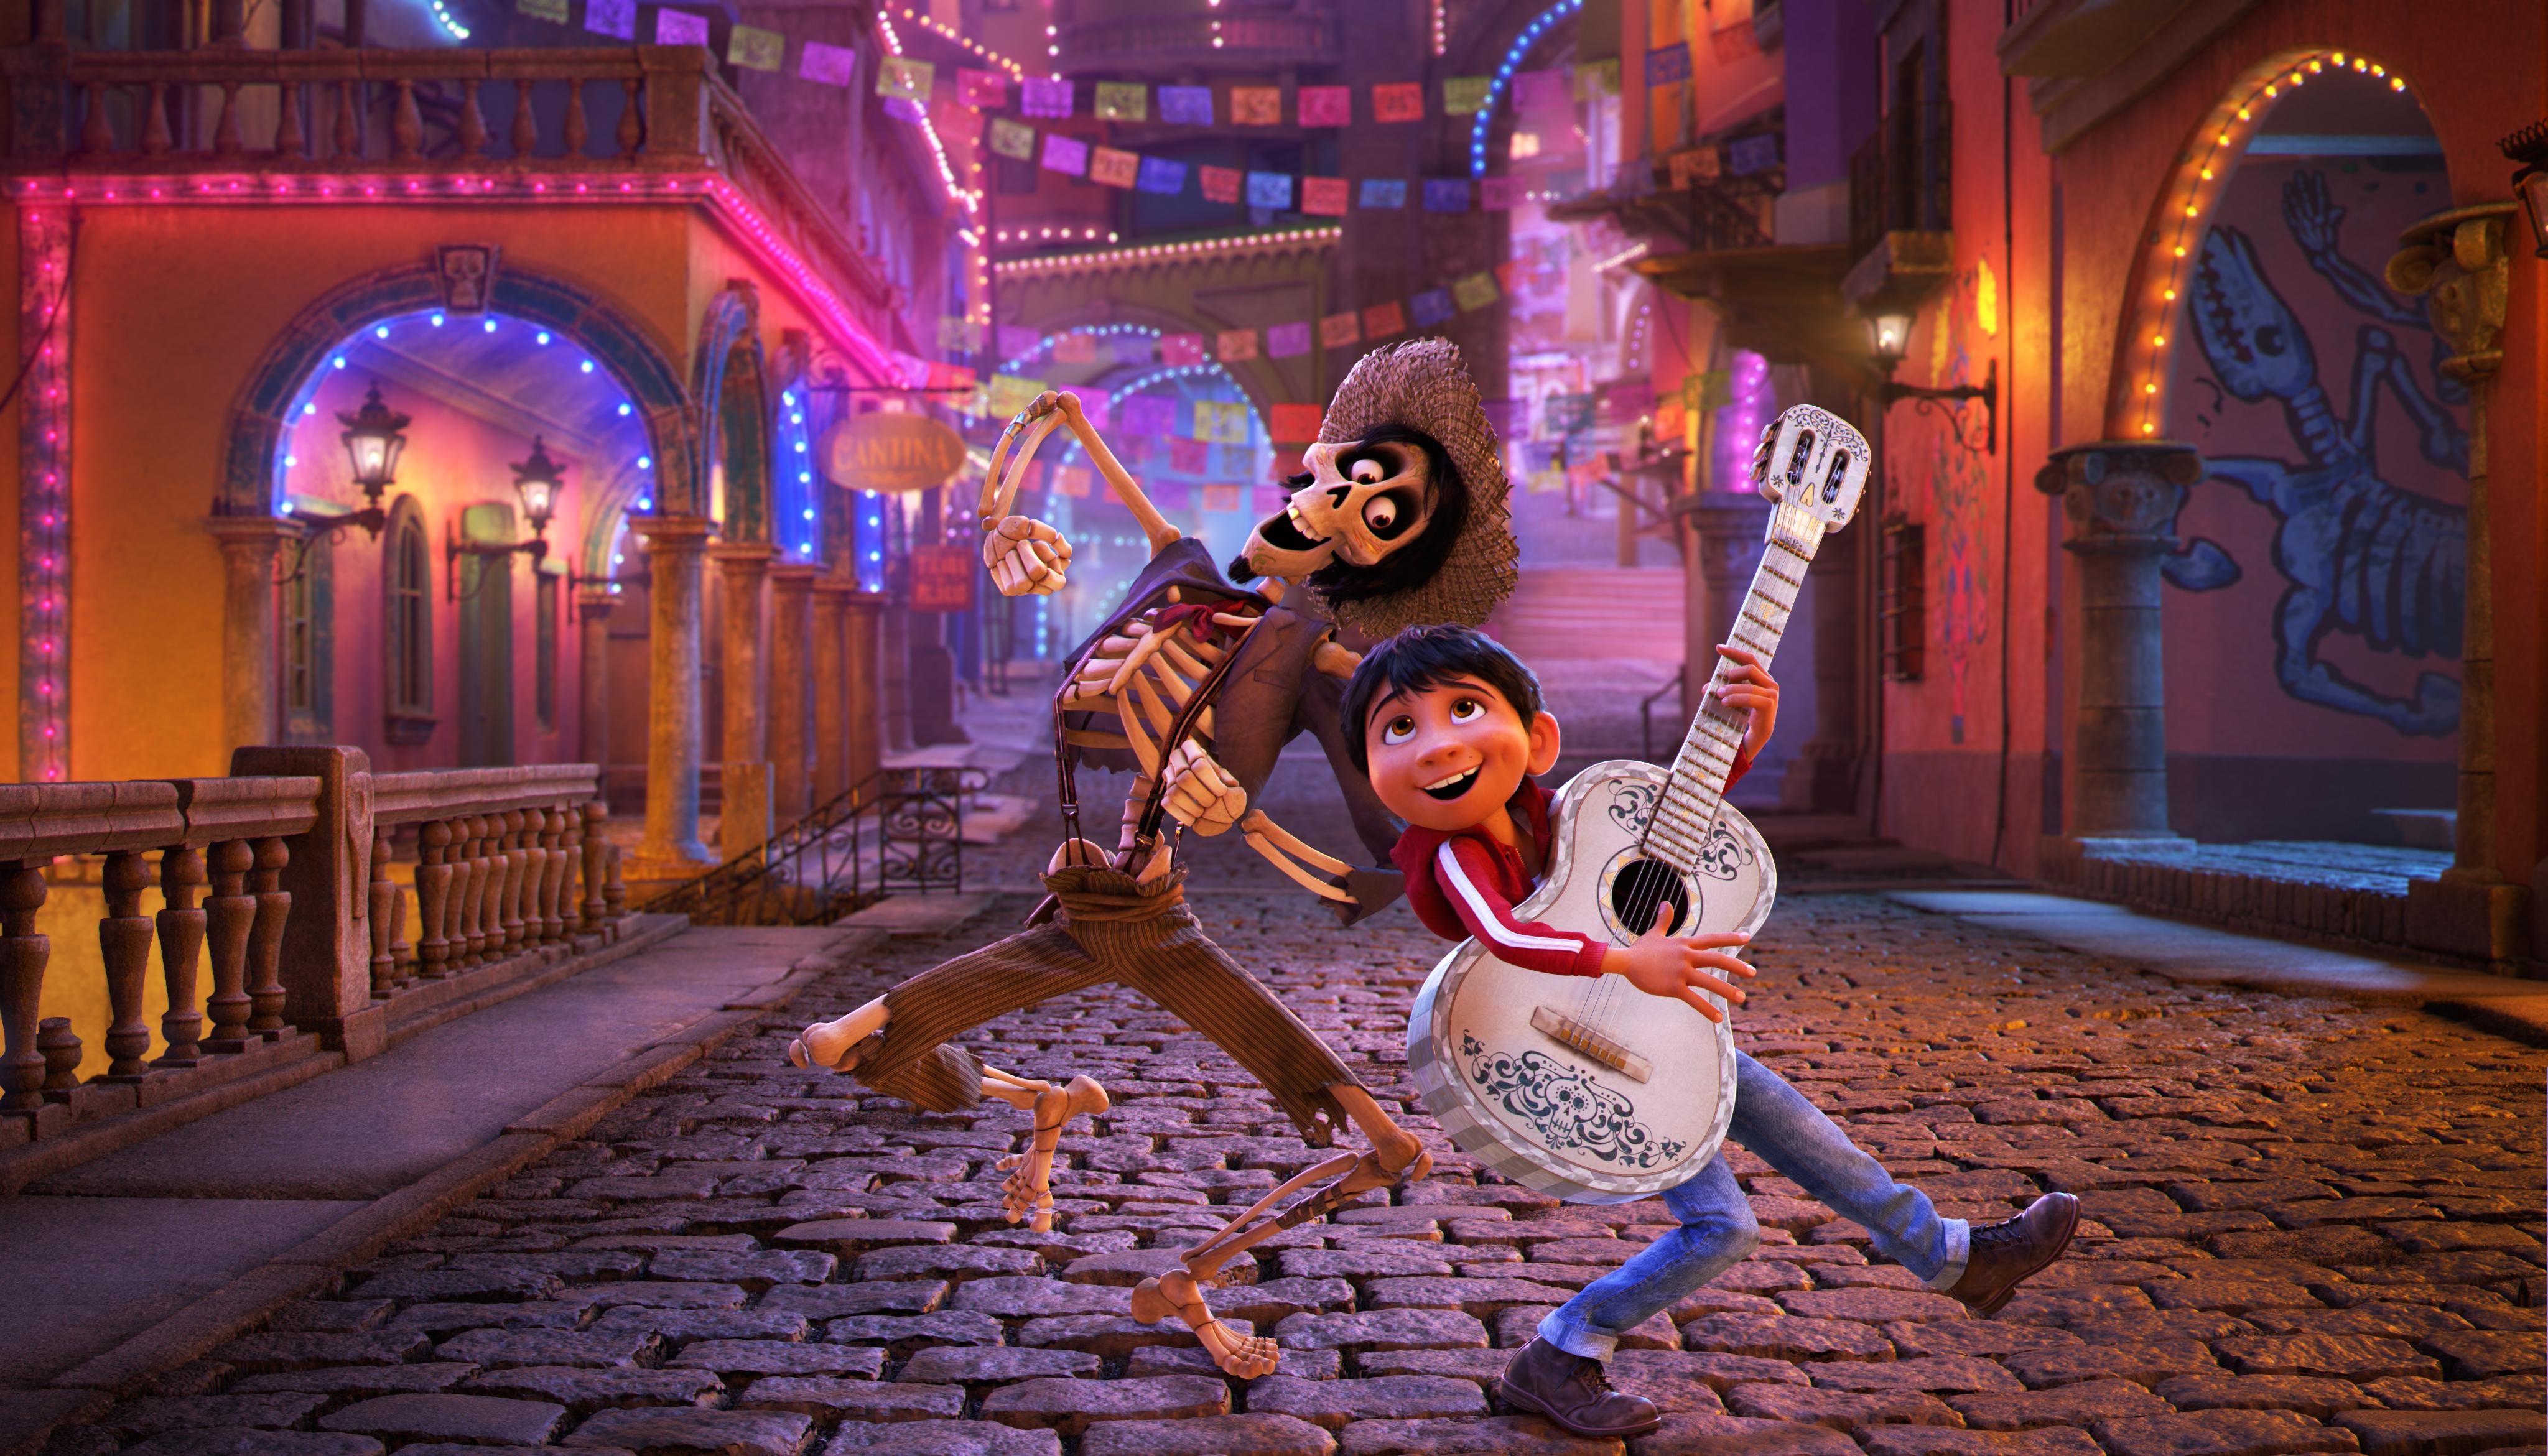 Disney-Pixar's Coco.